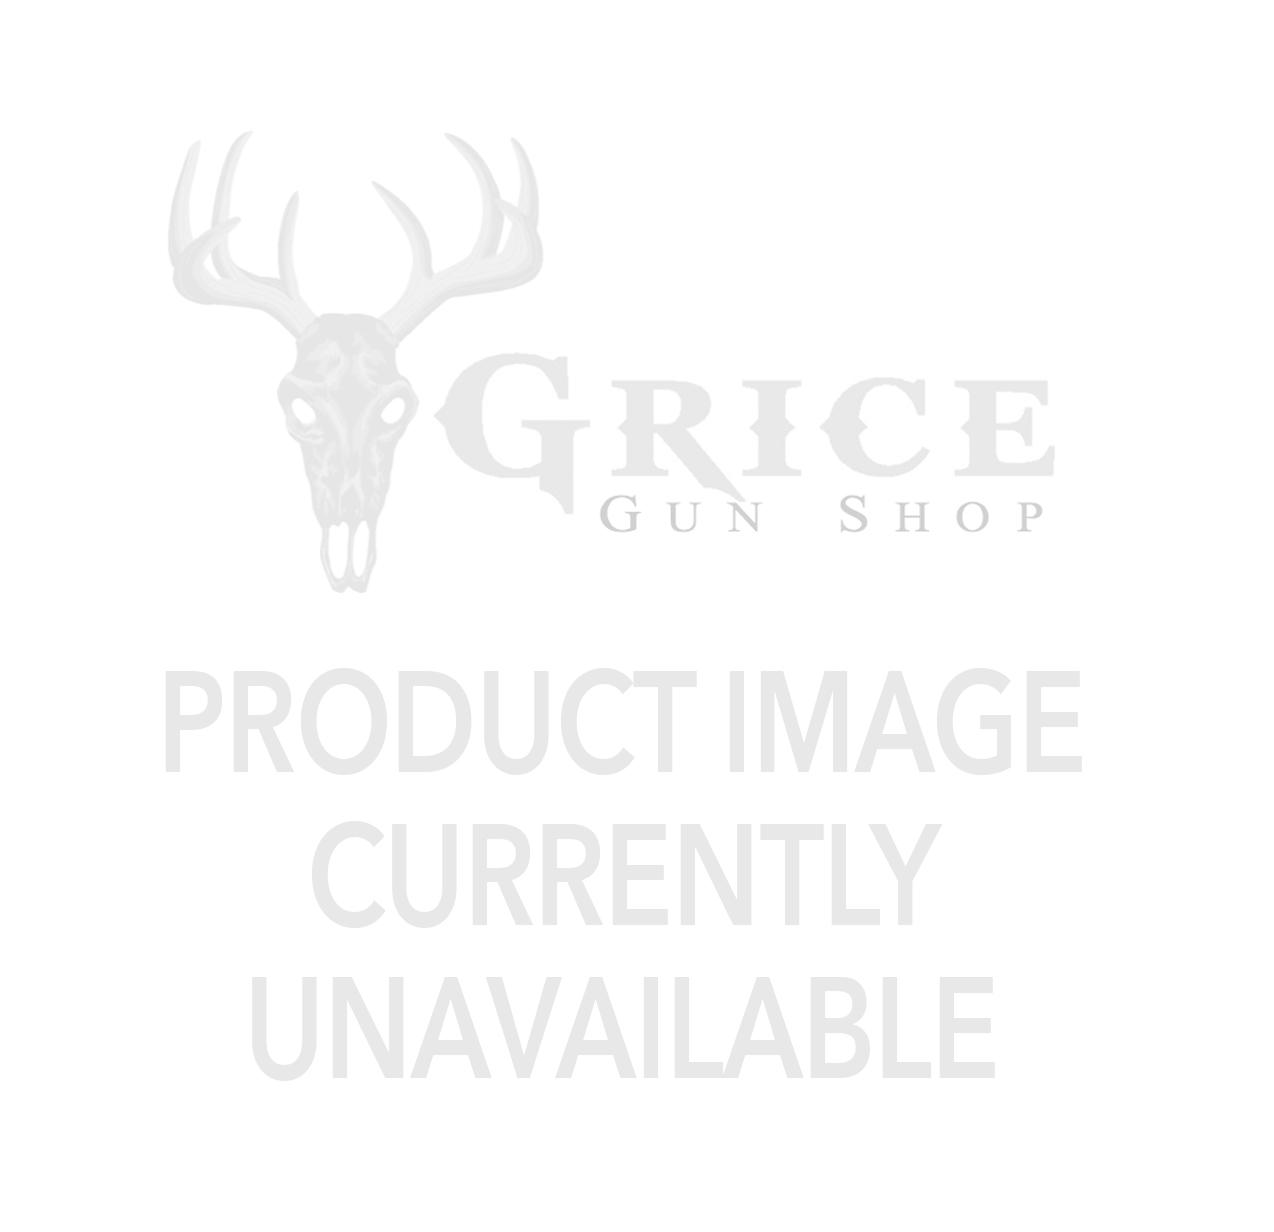 Hornady - Custom GMX 30-06 Sprg 150gr (20 Rounds)